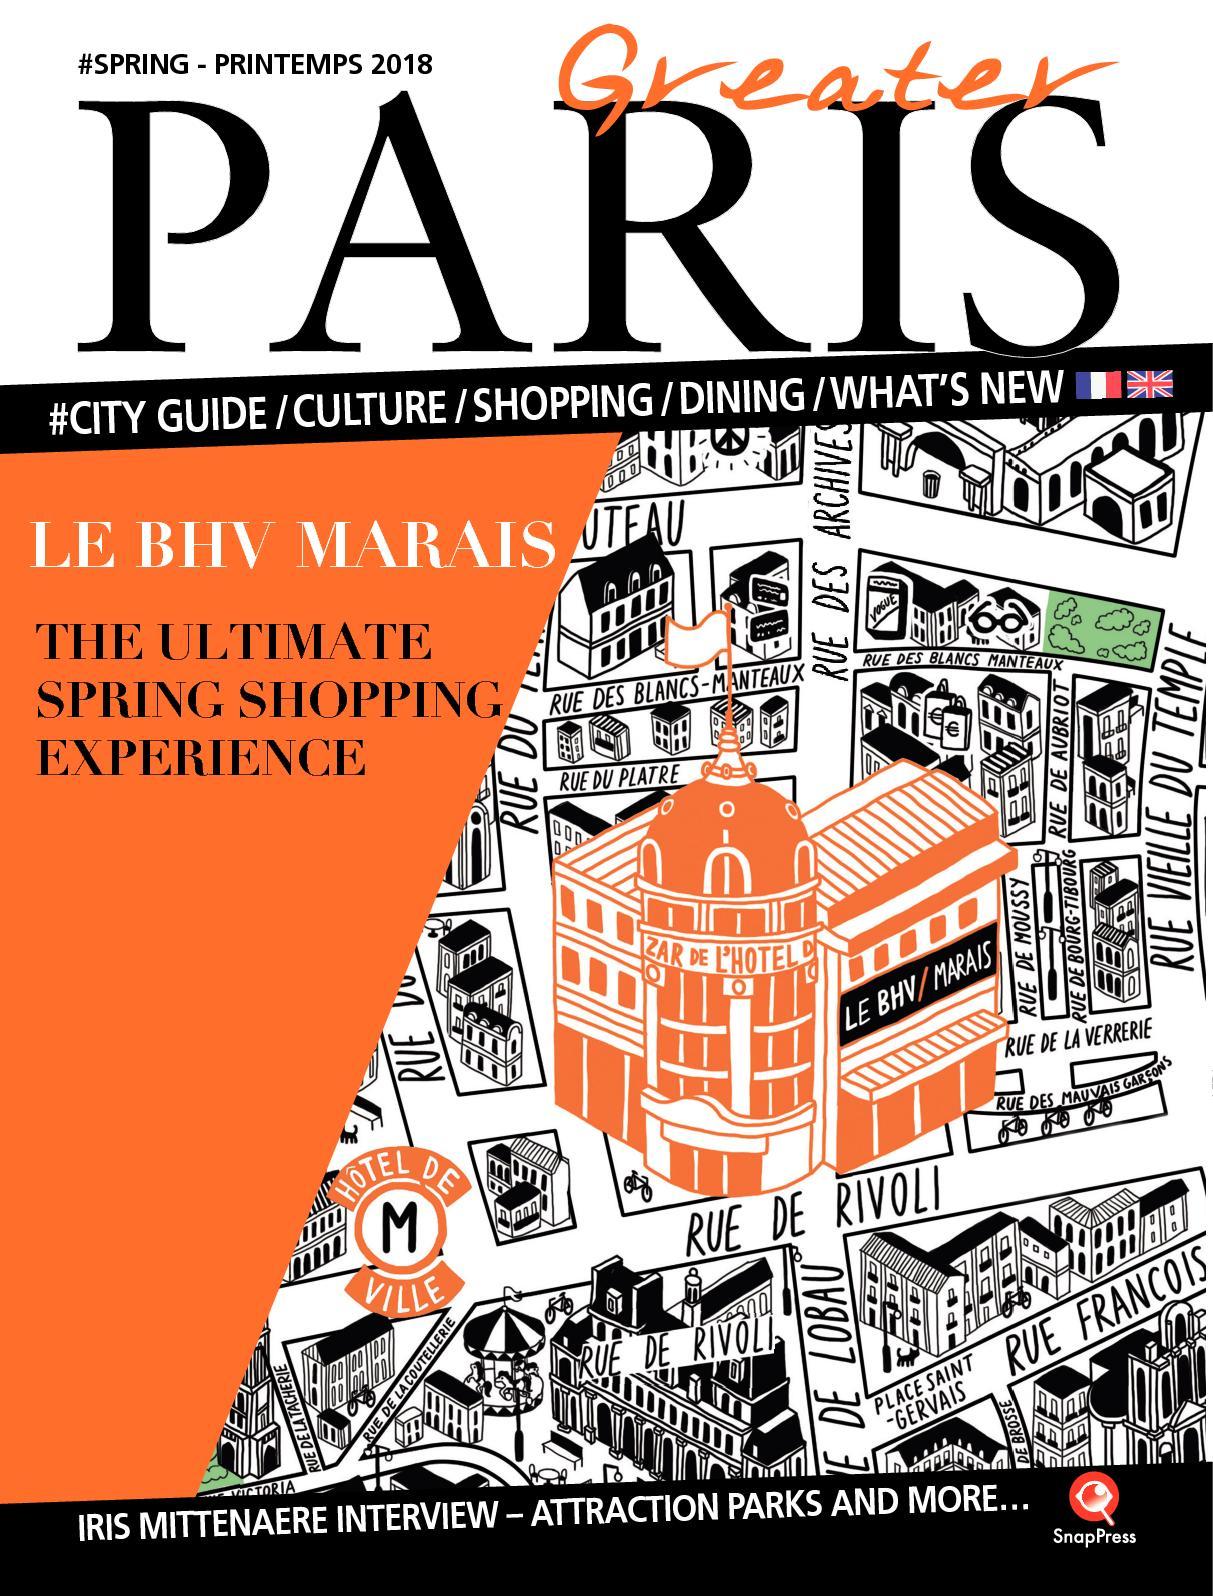 Calaméo - Greater Paris - Spring-Printemps 2018 - n°41 d6057d5d53fb